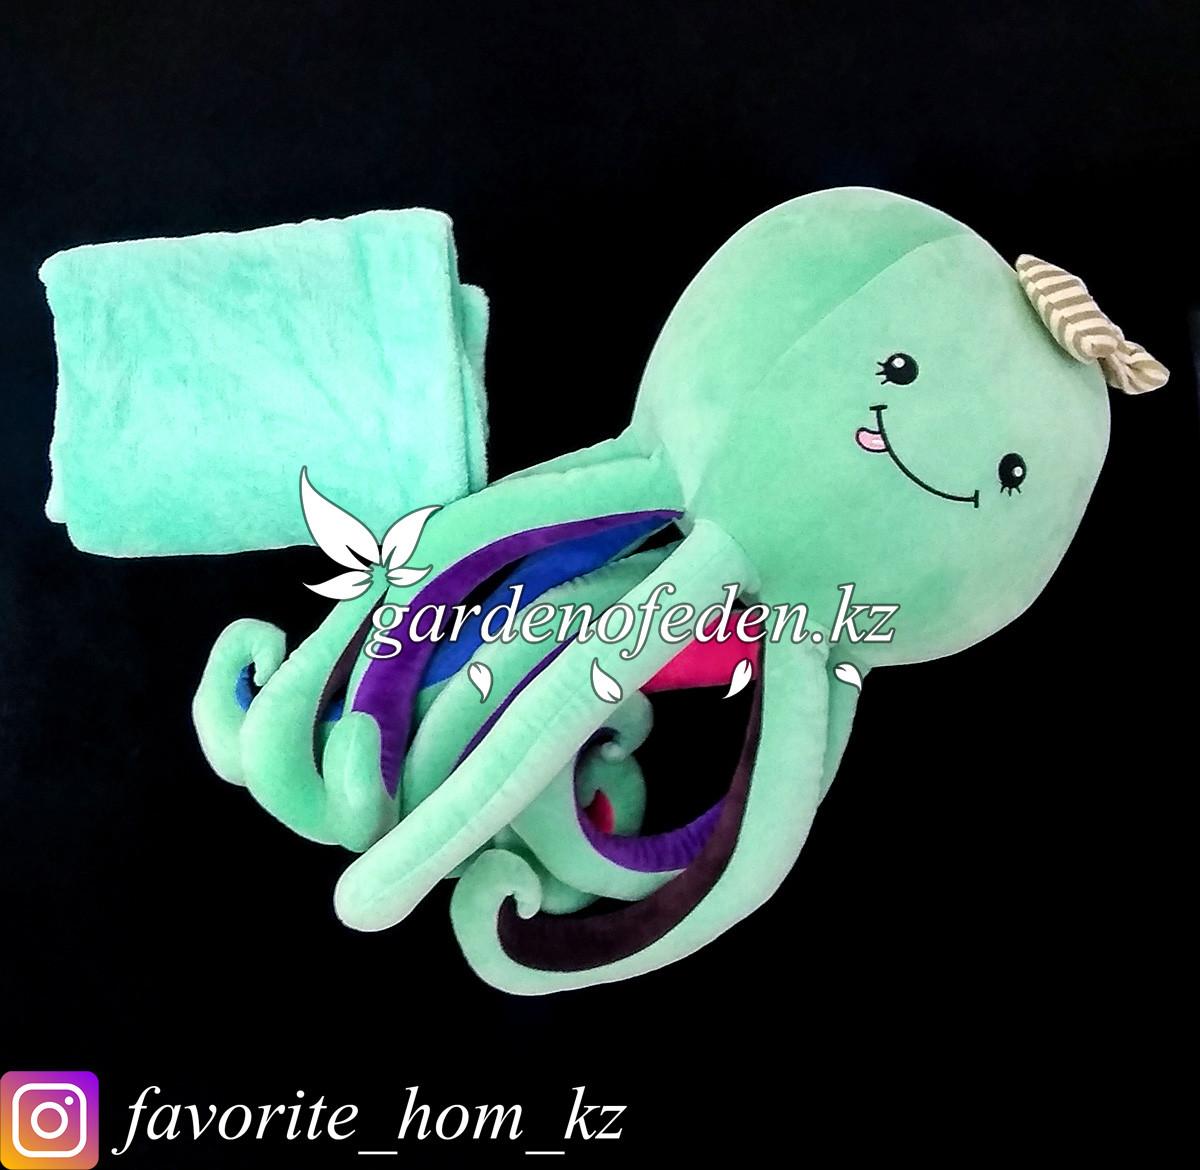 """Мягкая игрушка-подушка с пледом """"Осьминог"""". Цвет: Бирюзовый. Материал: Бархат/Плюш."""